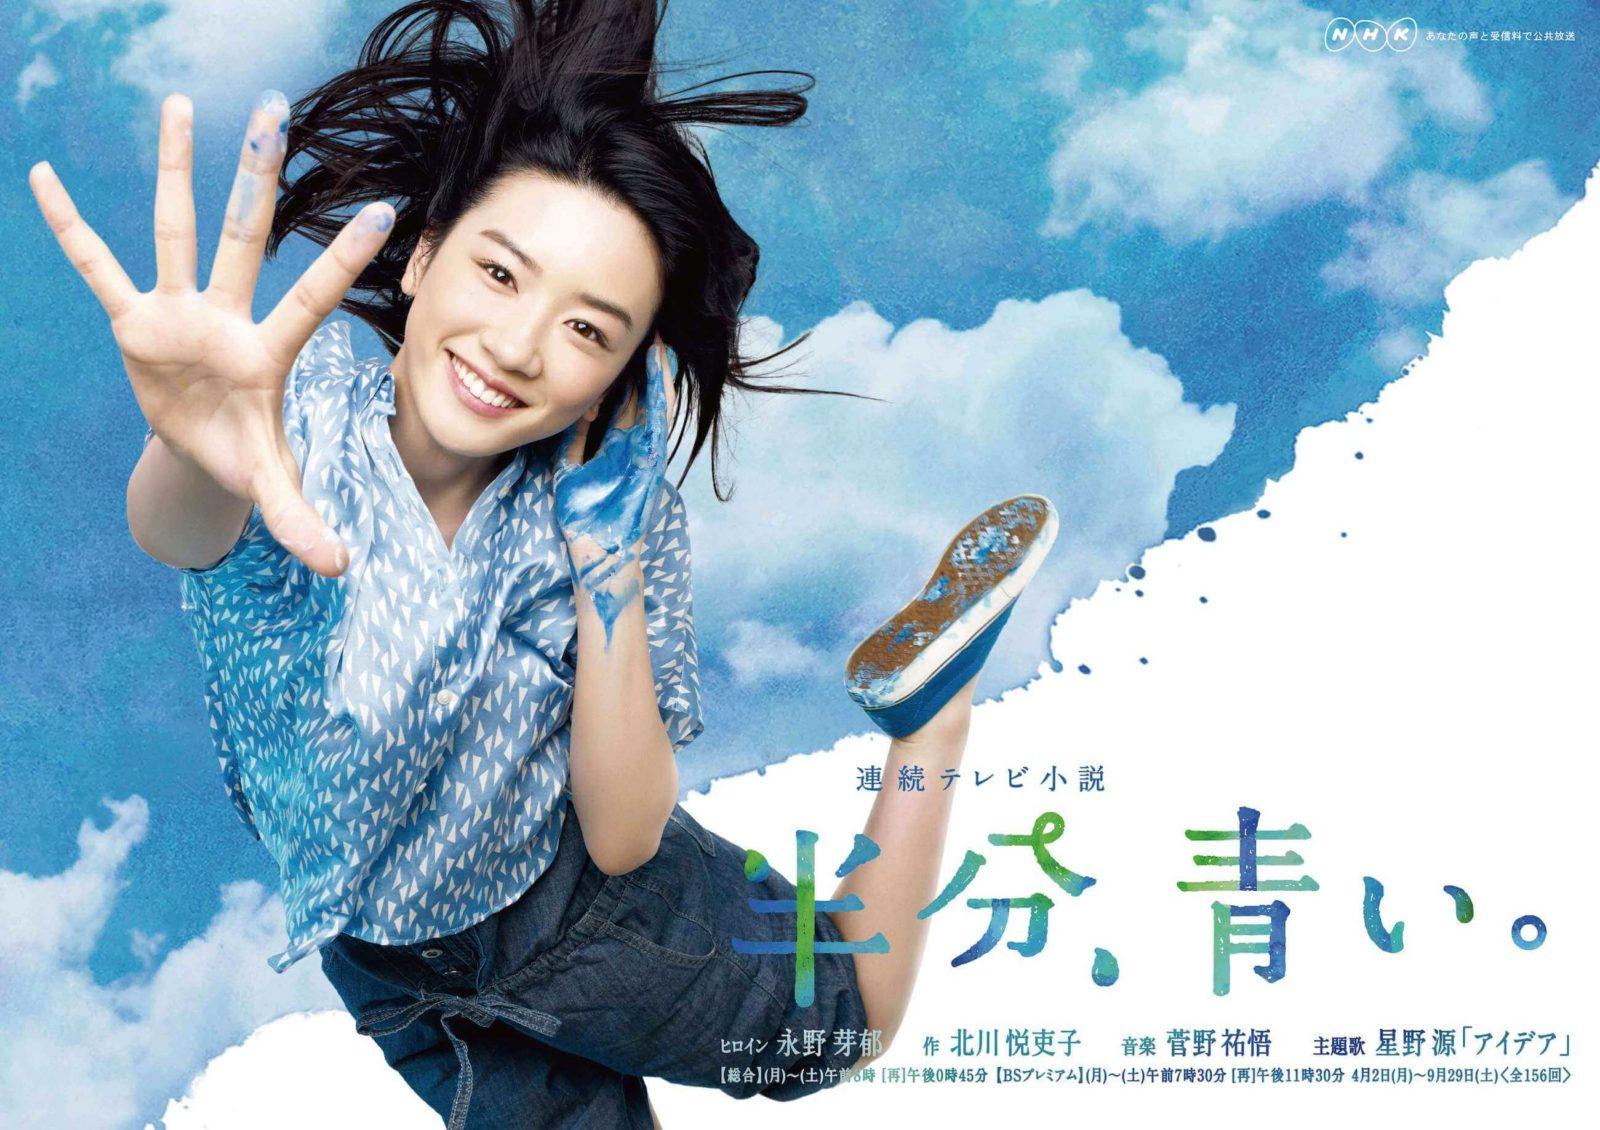 永野芽郁主演『半分、青い。』視聴者を釘付けにする3つの魅力サムネイル画像